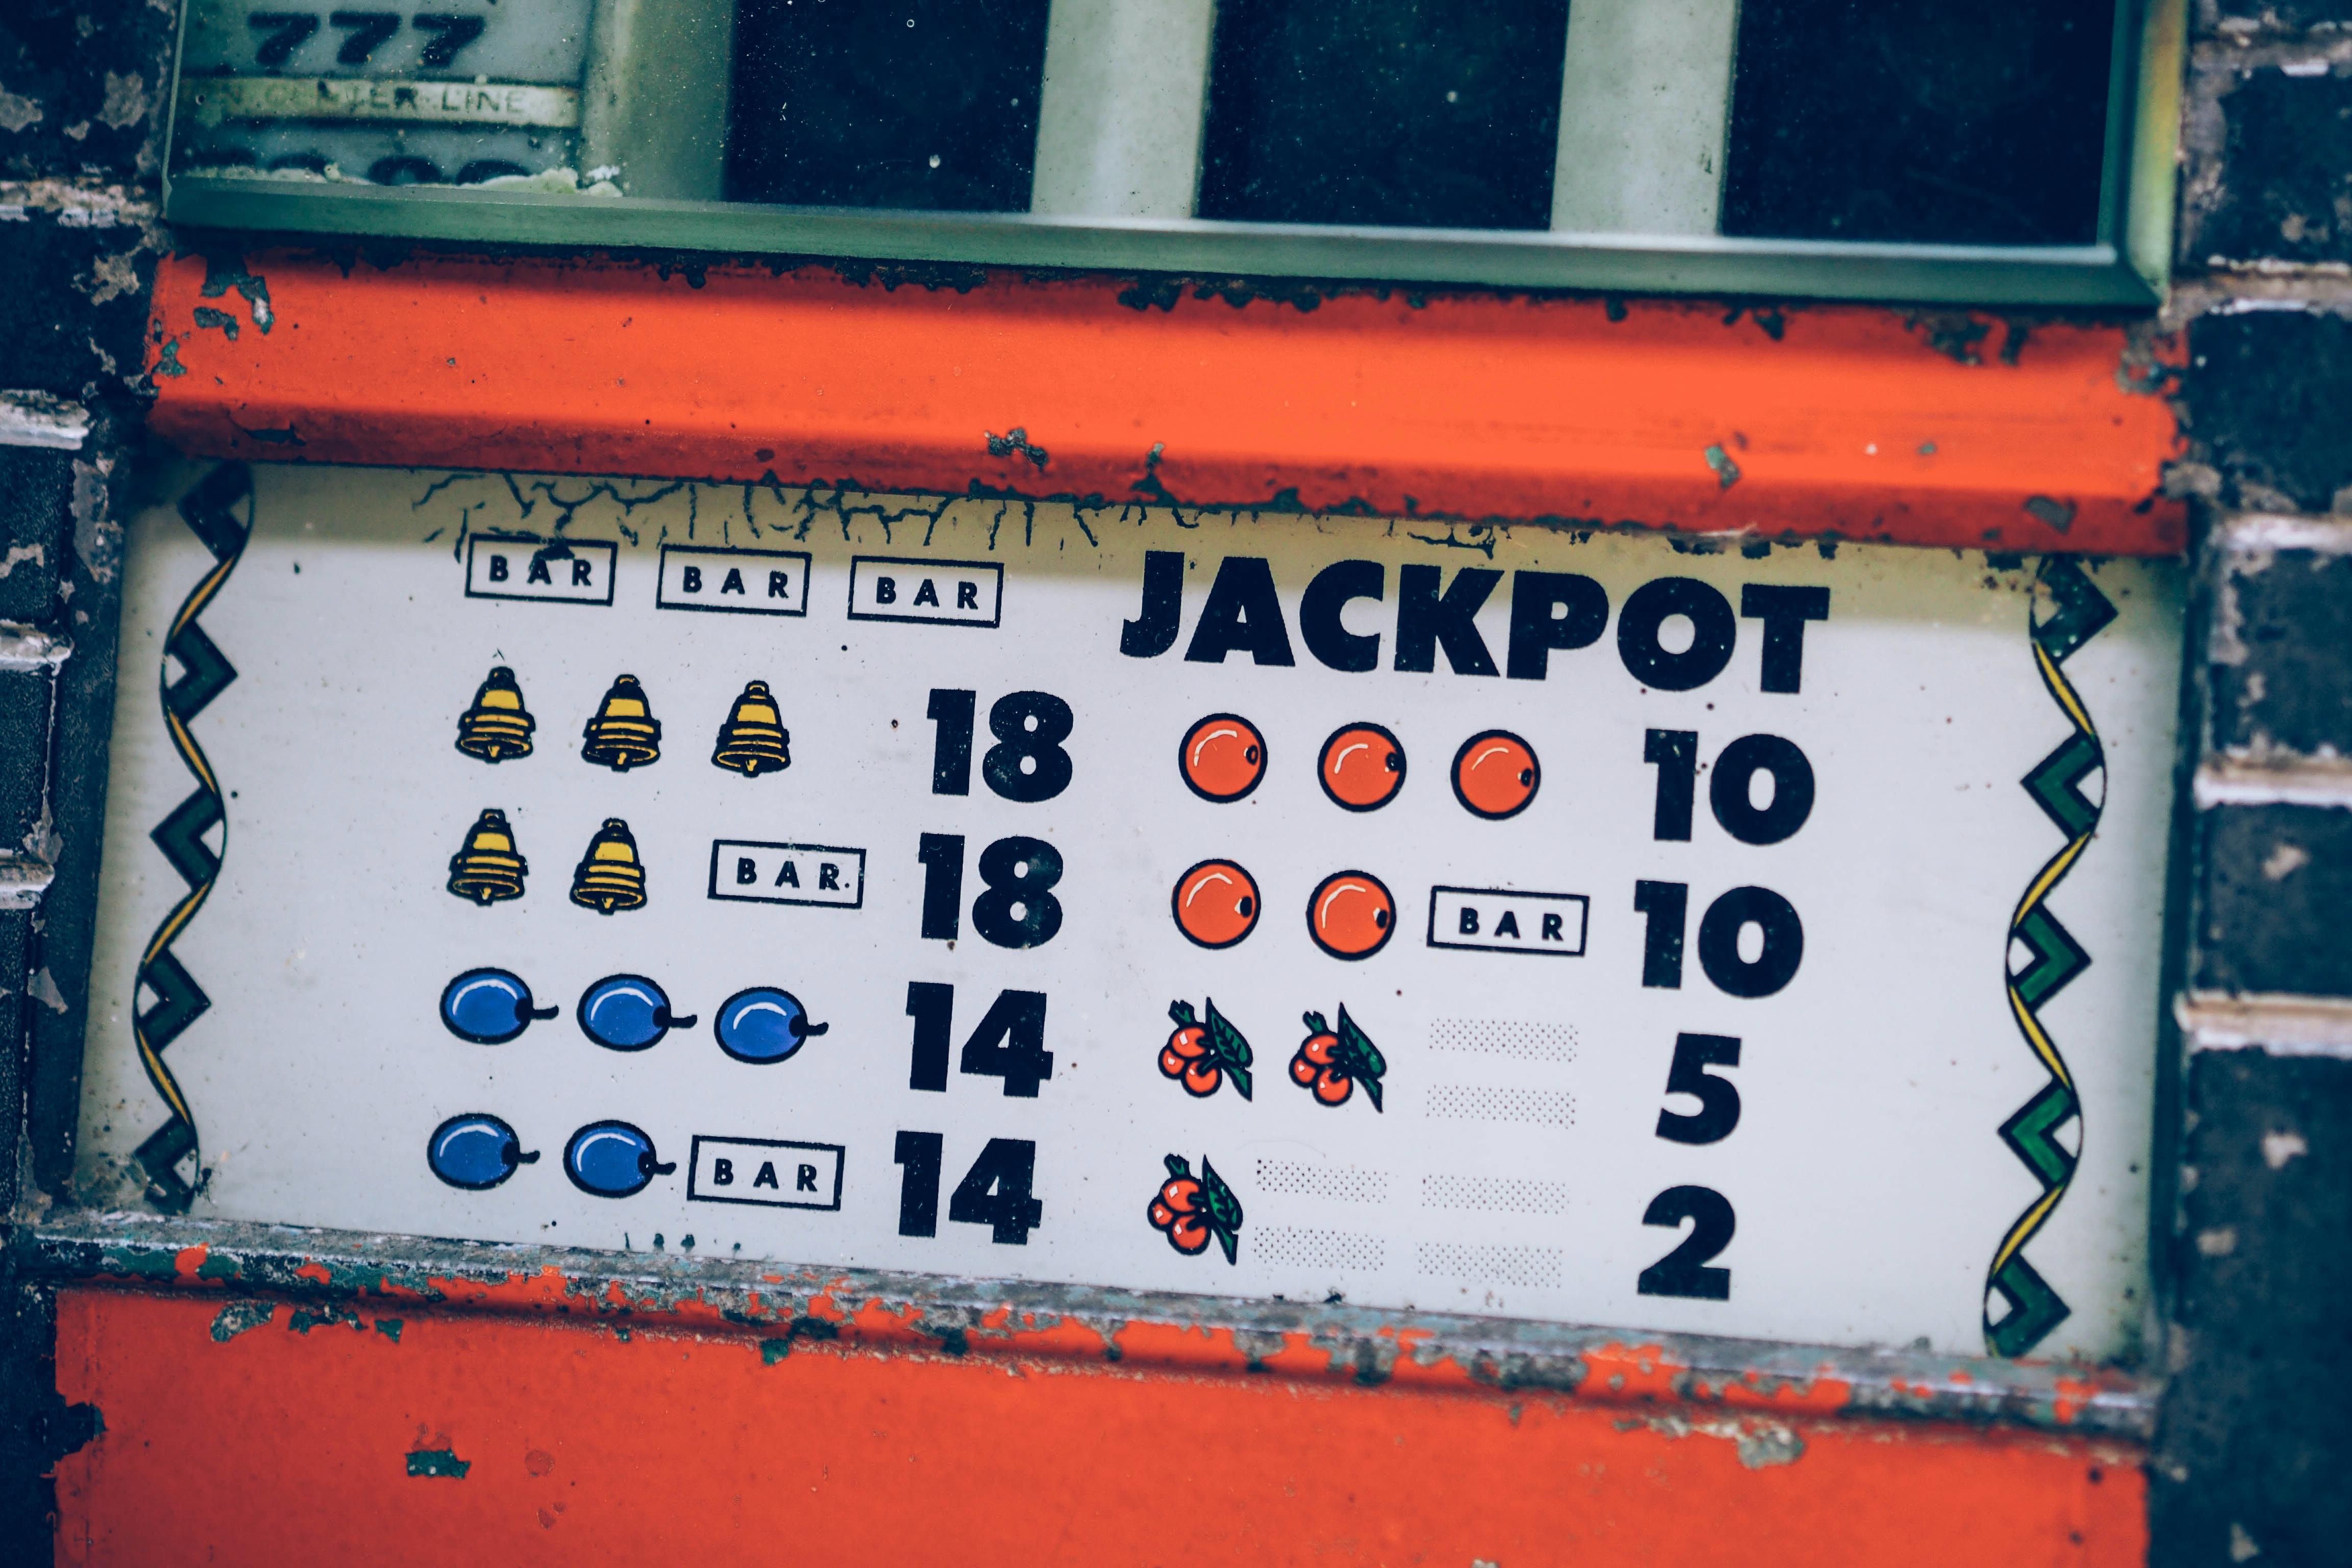 Jackpot board